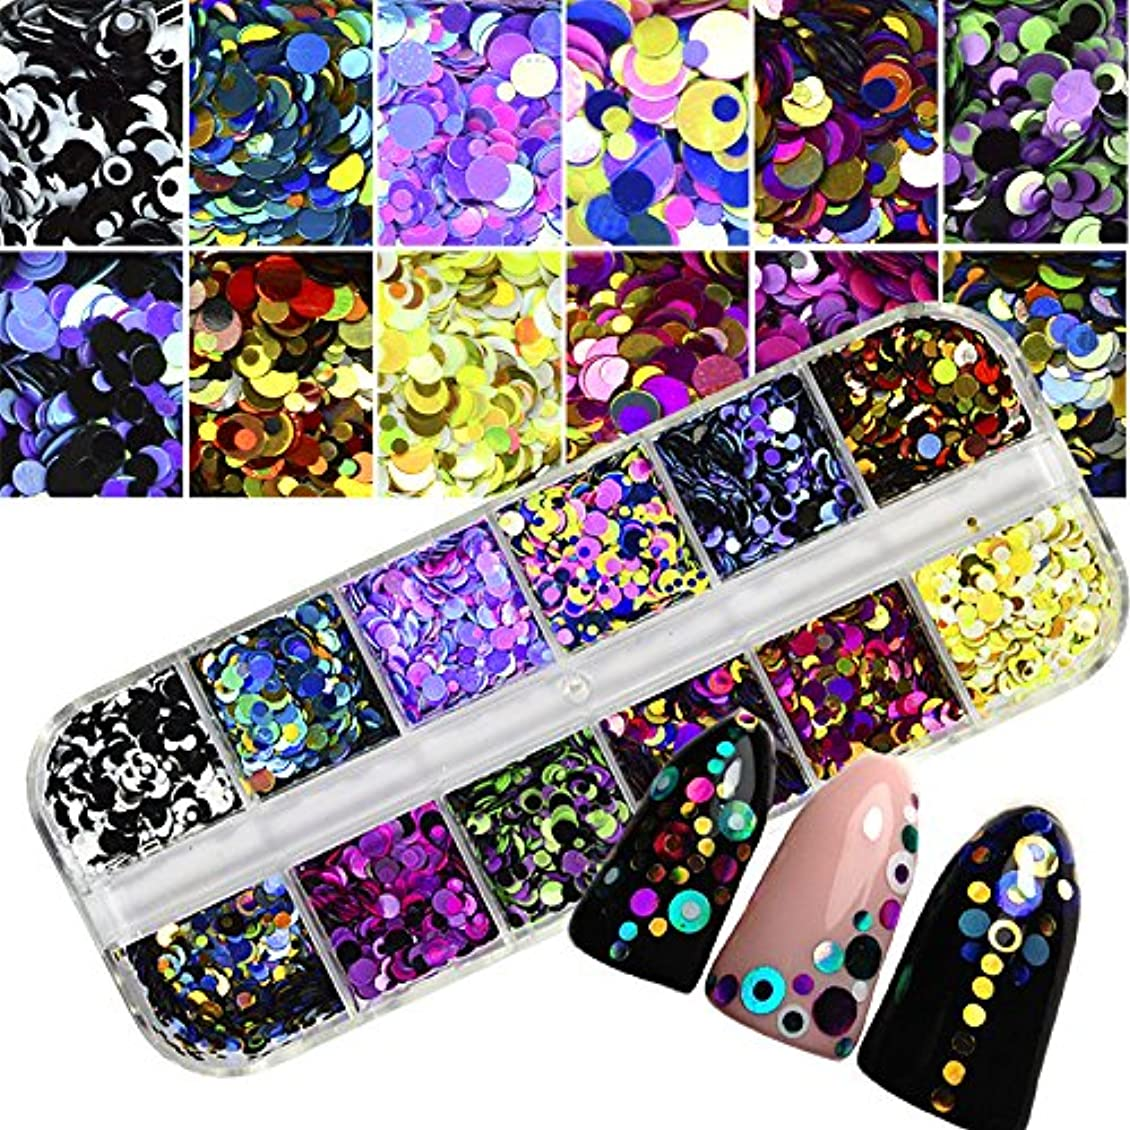 情熱受け皿ルーム1 Set Dazzling Round Nail Glitter Sequins Dust Mixed 12 Grids 1/2/3mm DIY Charm Polish Flakes Decorations Manicure...